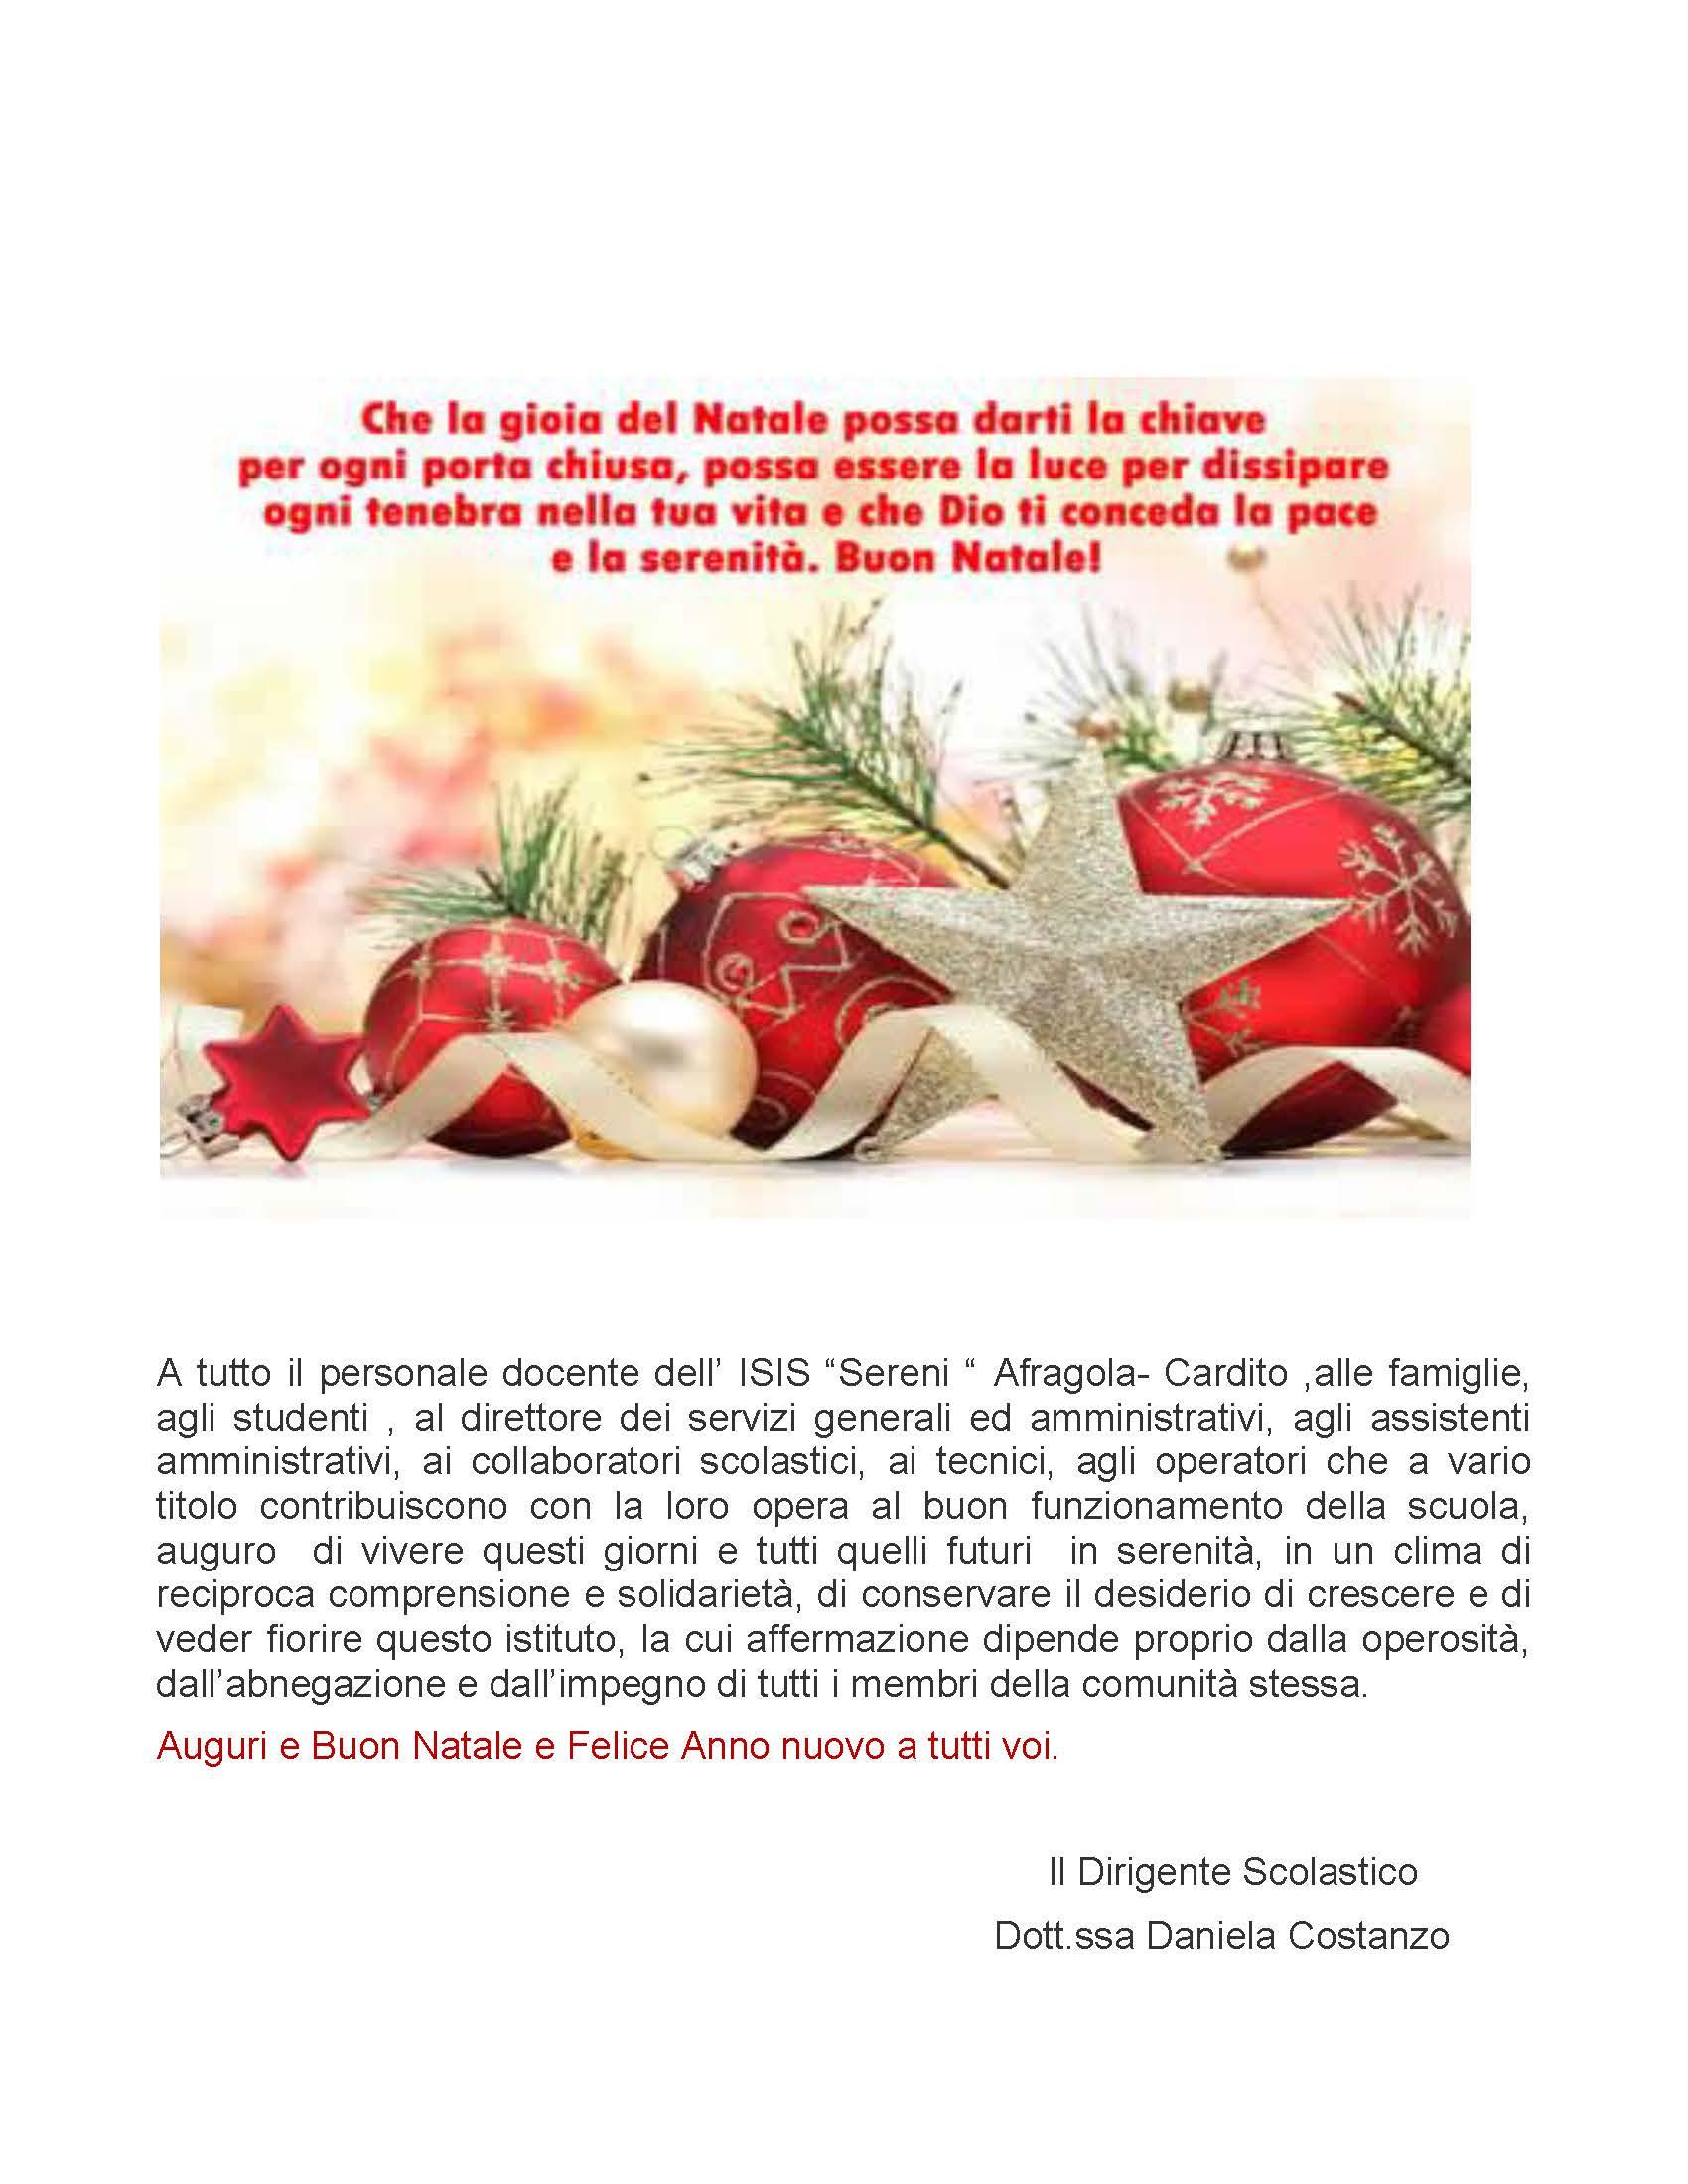 Auguri di natale 2019 dirigente scolastico for Daniela costanzo